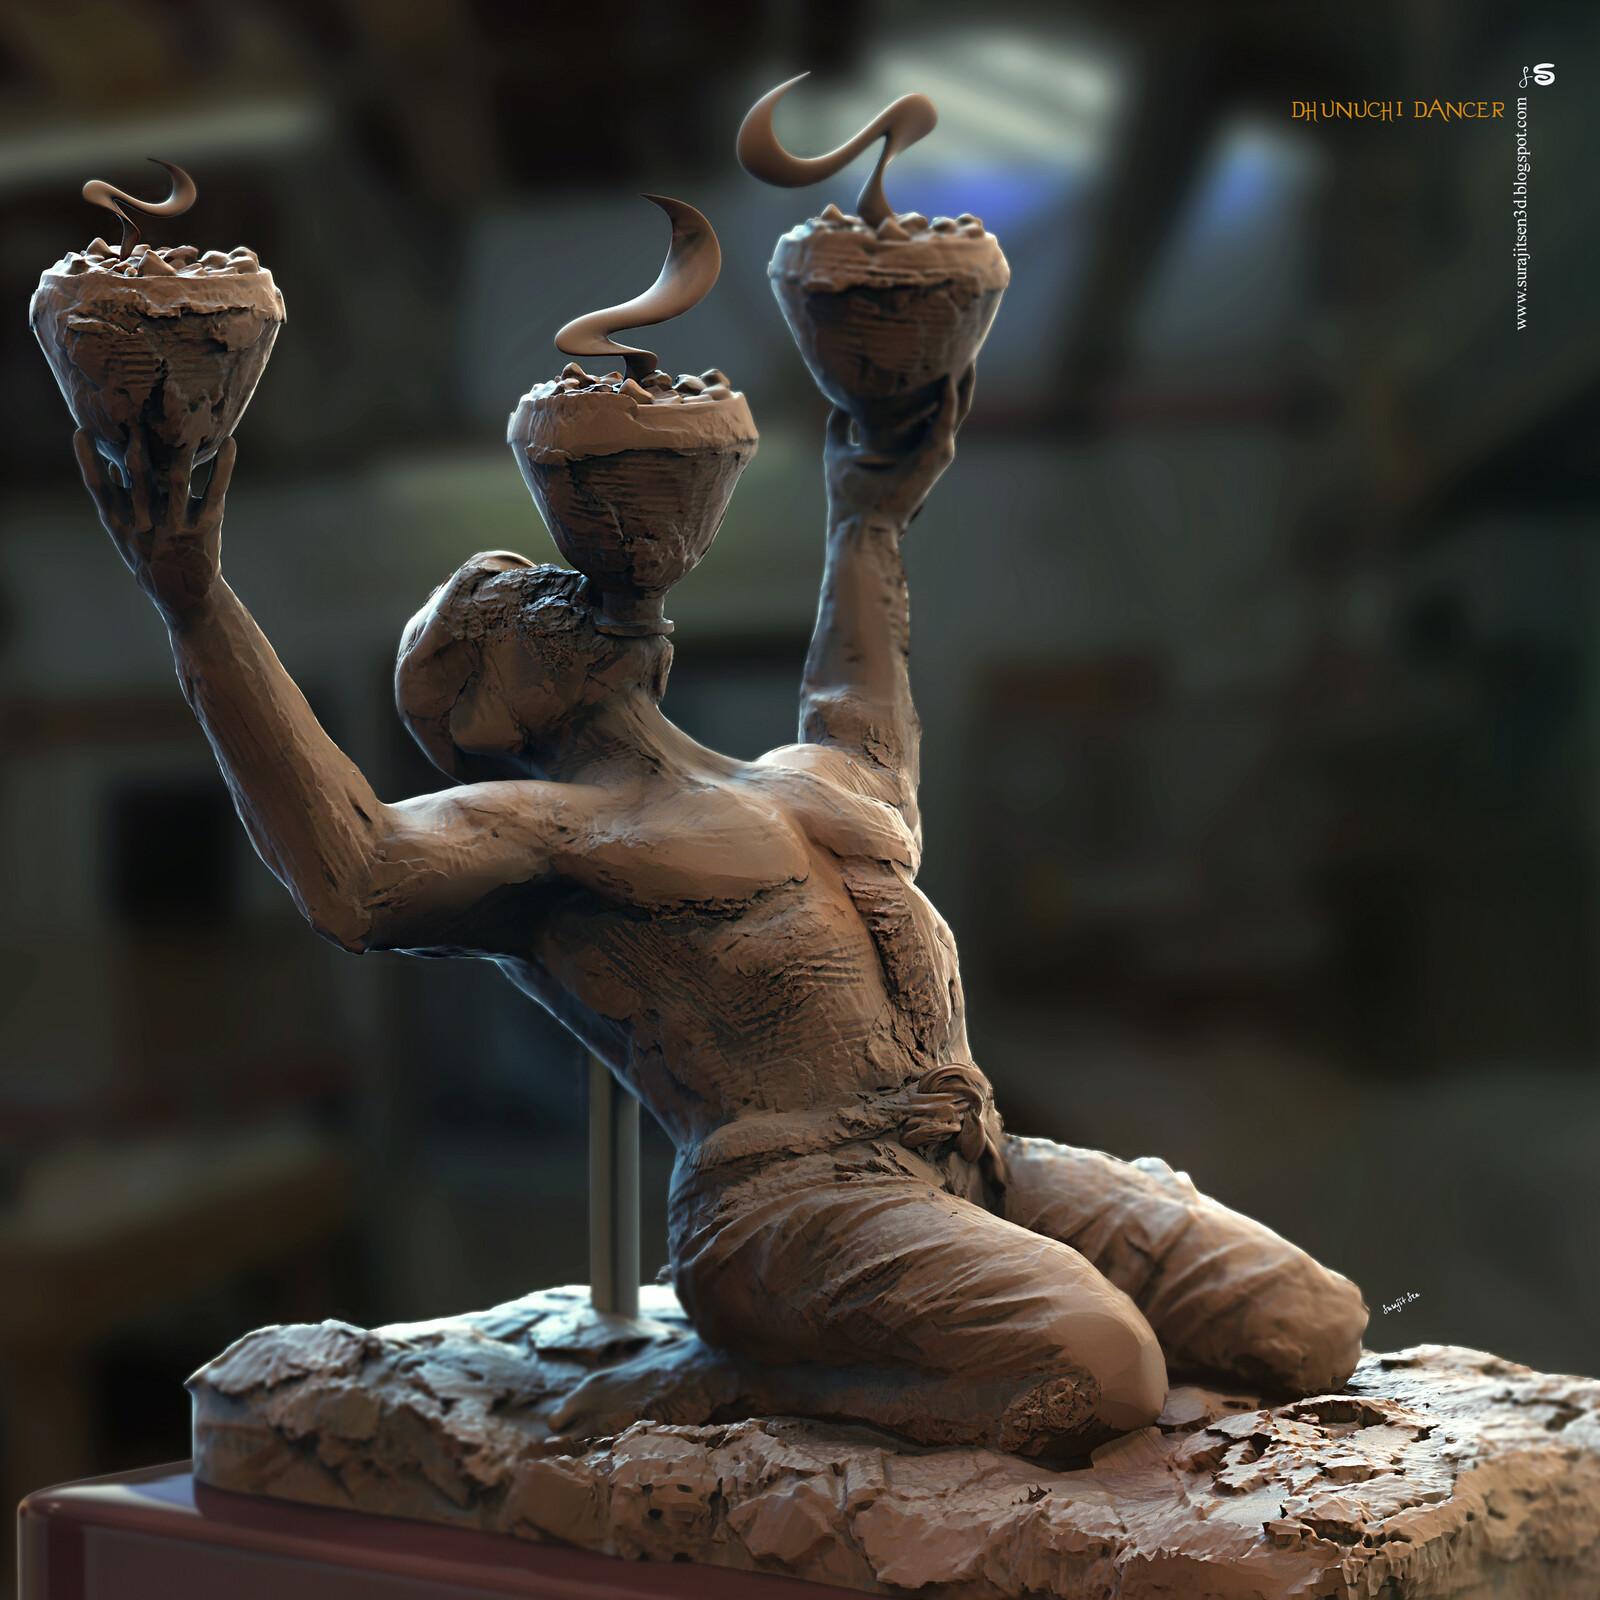 Dhunuchi Dancer Digital Sculpture I tried to make a quick pose of a Dhunuchi Dancer in this sculpt…….